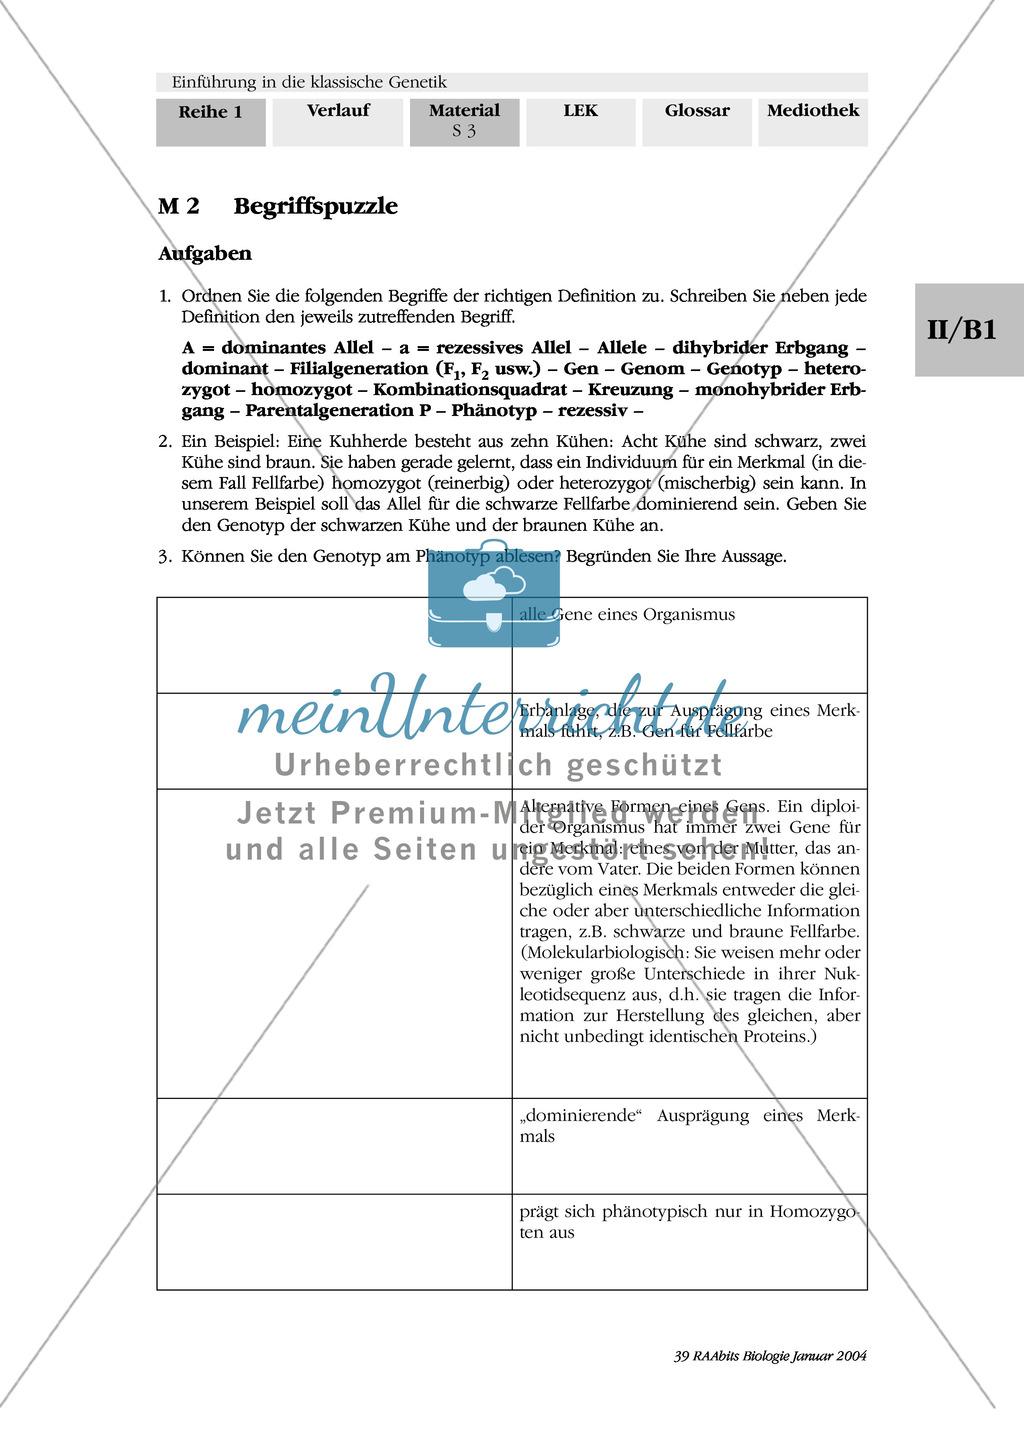 Dorable Mendel Genetik Arbeitsblatt Image - Kindergarten ...